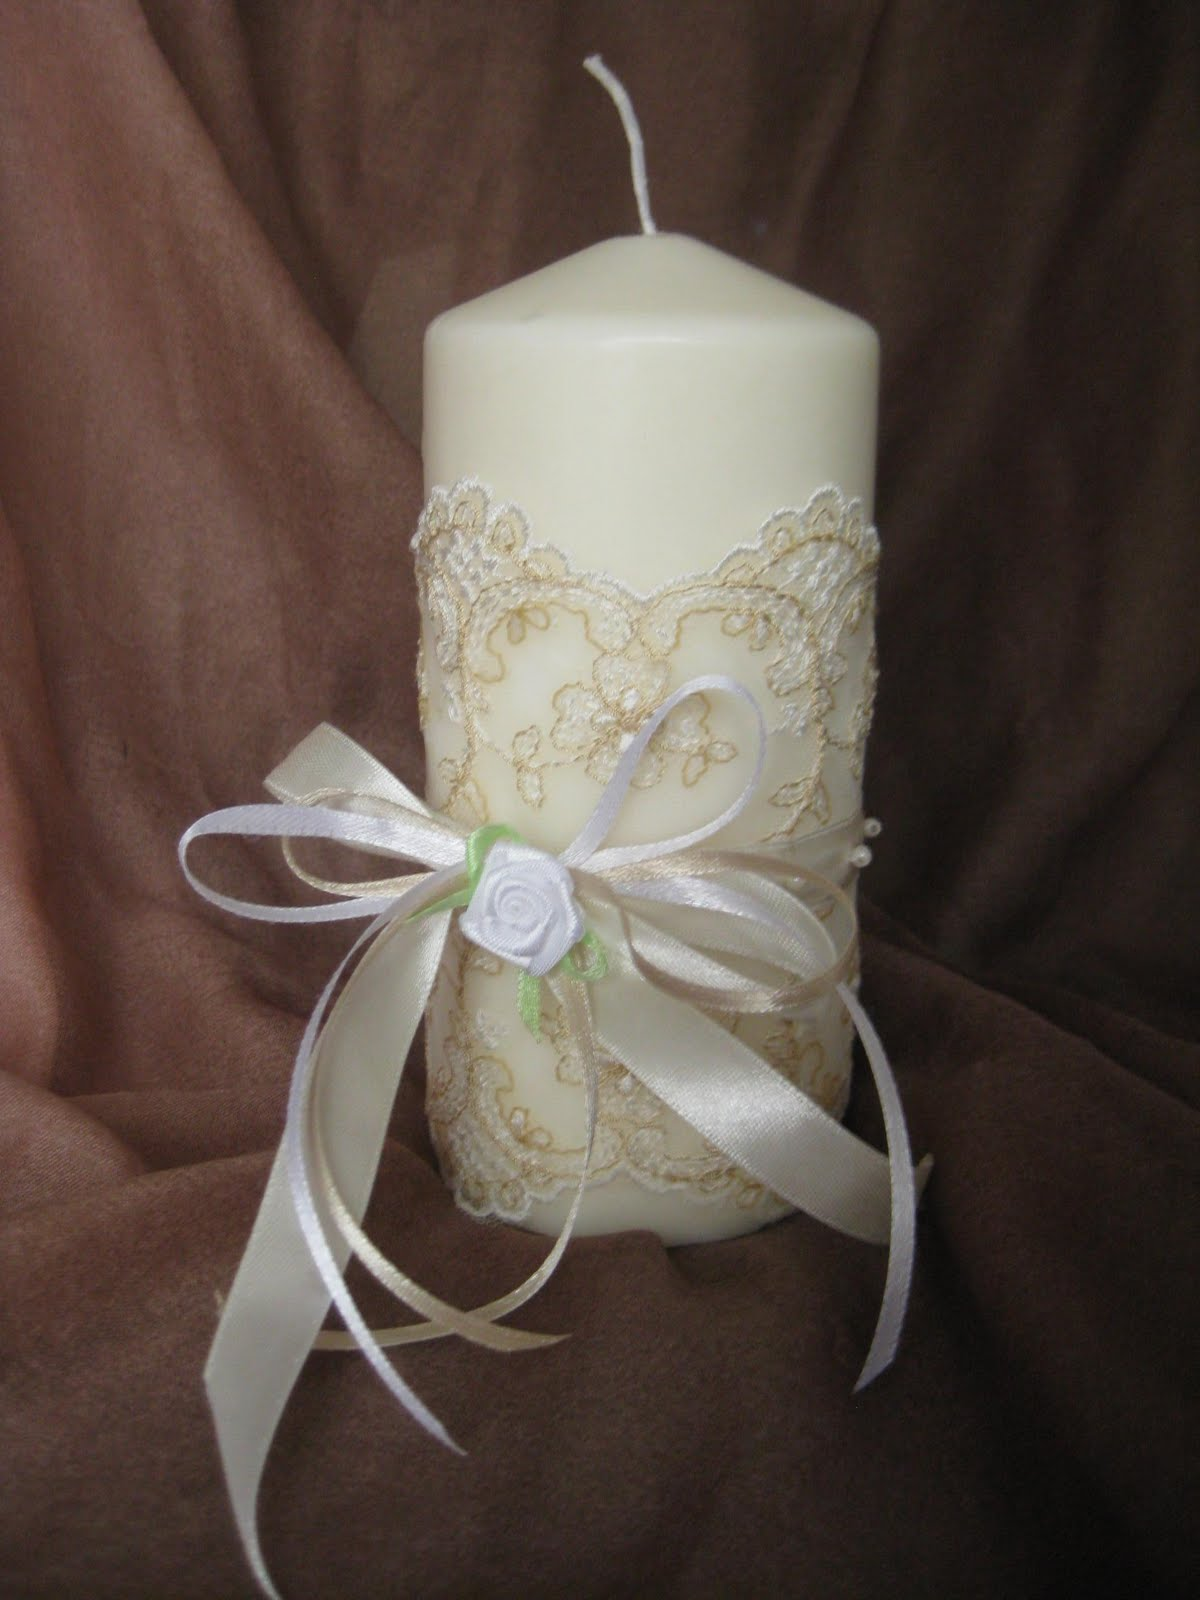 Украшение свечей на свадьбу своими руками: мастер-класс с фото 38